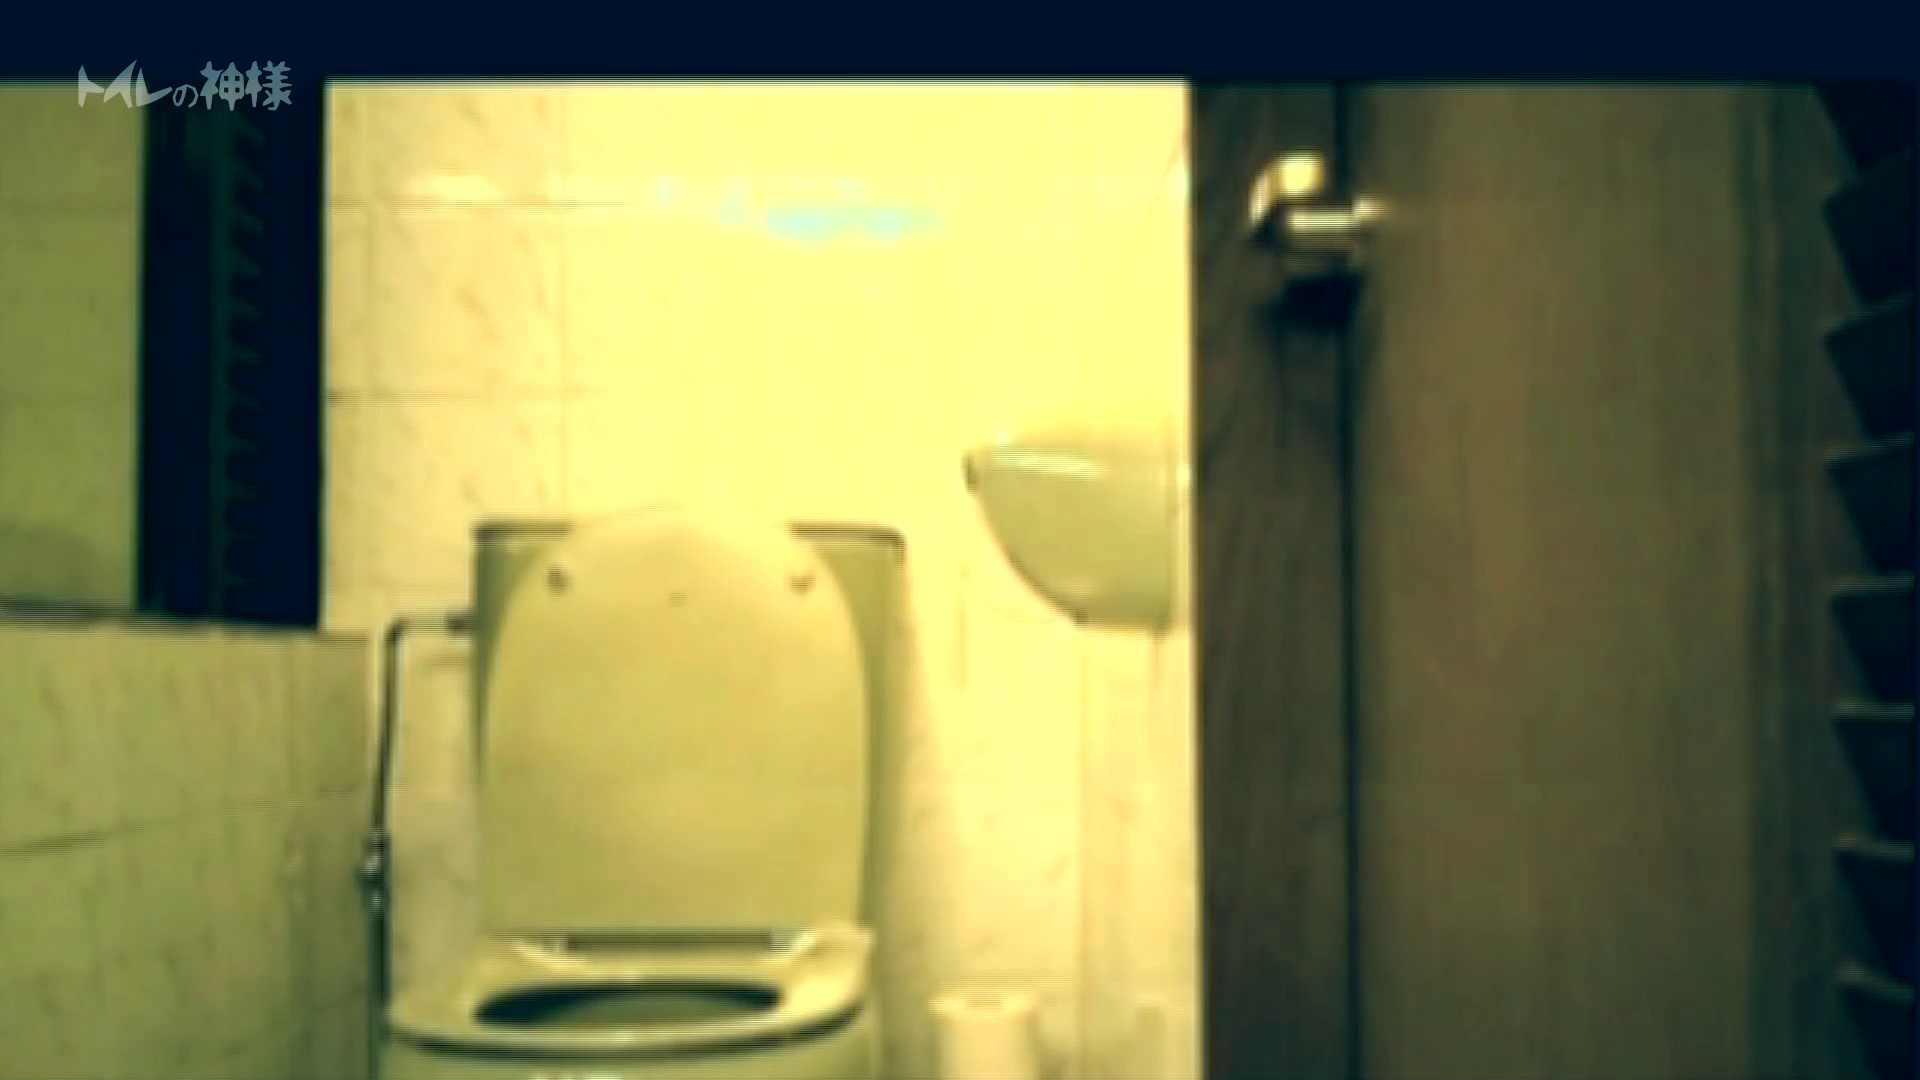 トイレの神様 Vol.01 花の女子大生うんこ盗撮1 HなOL オメコ無修正動画無料 96pic 58